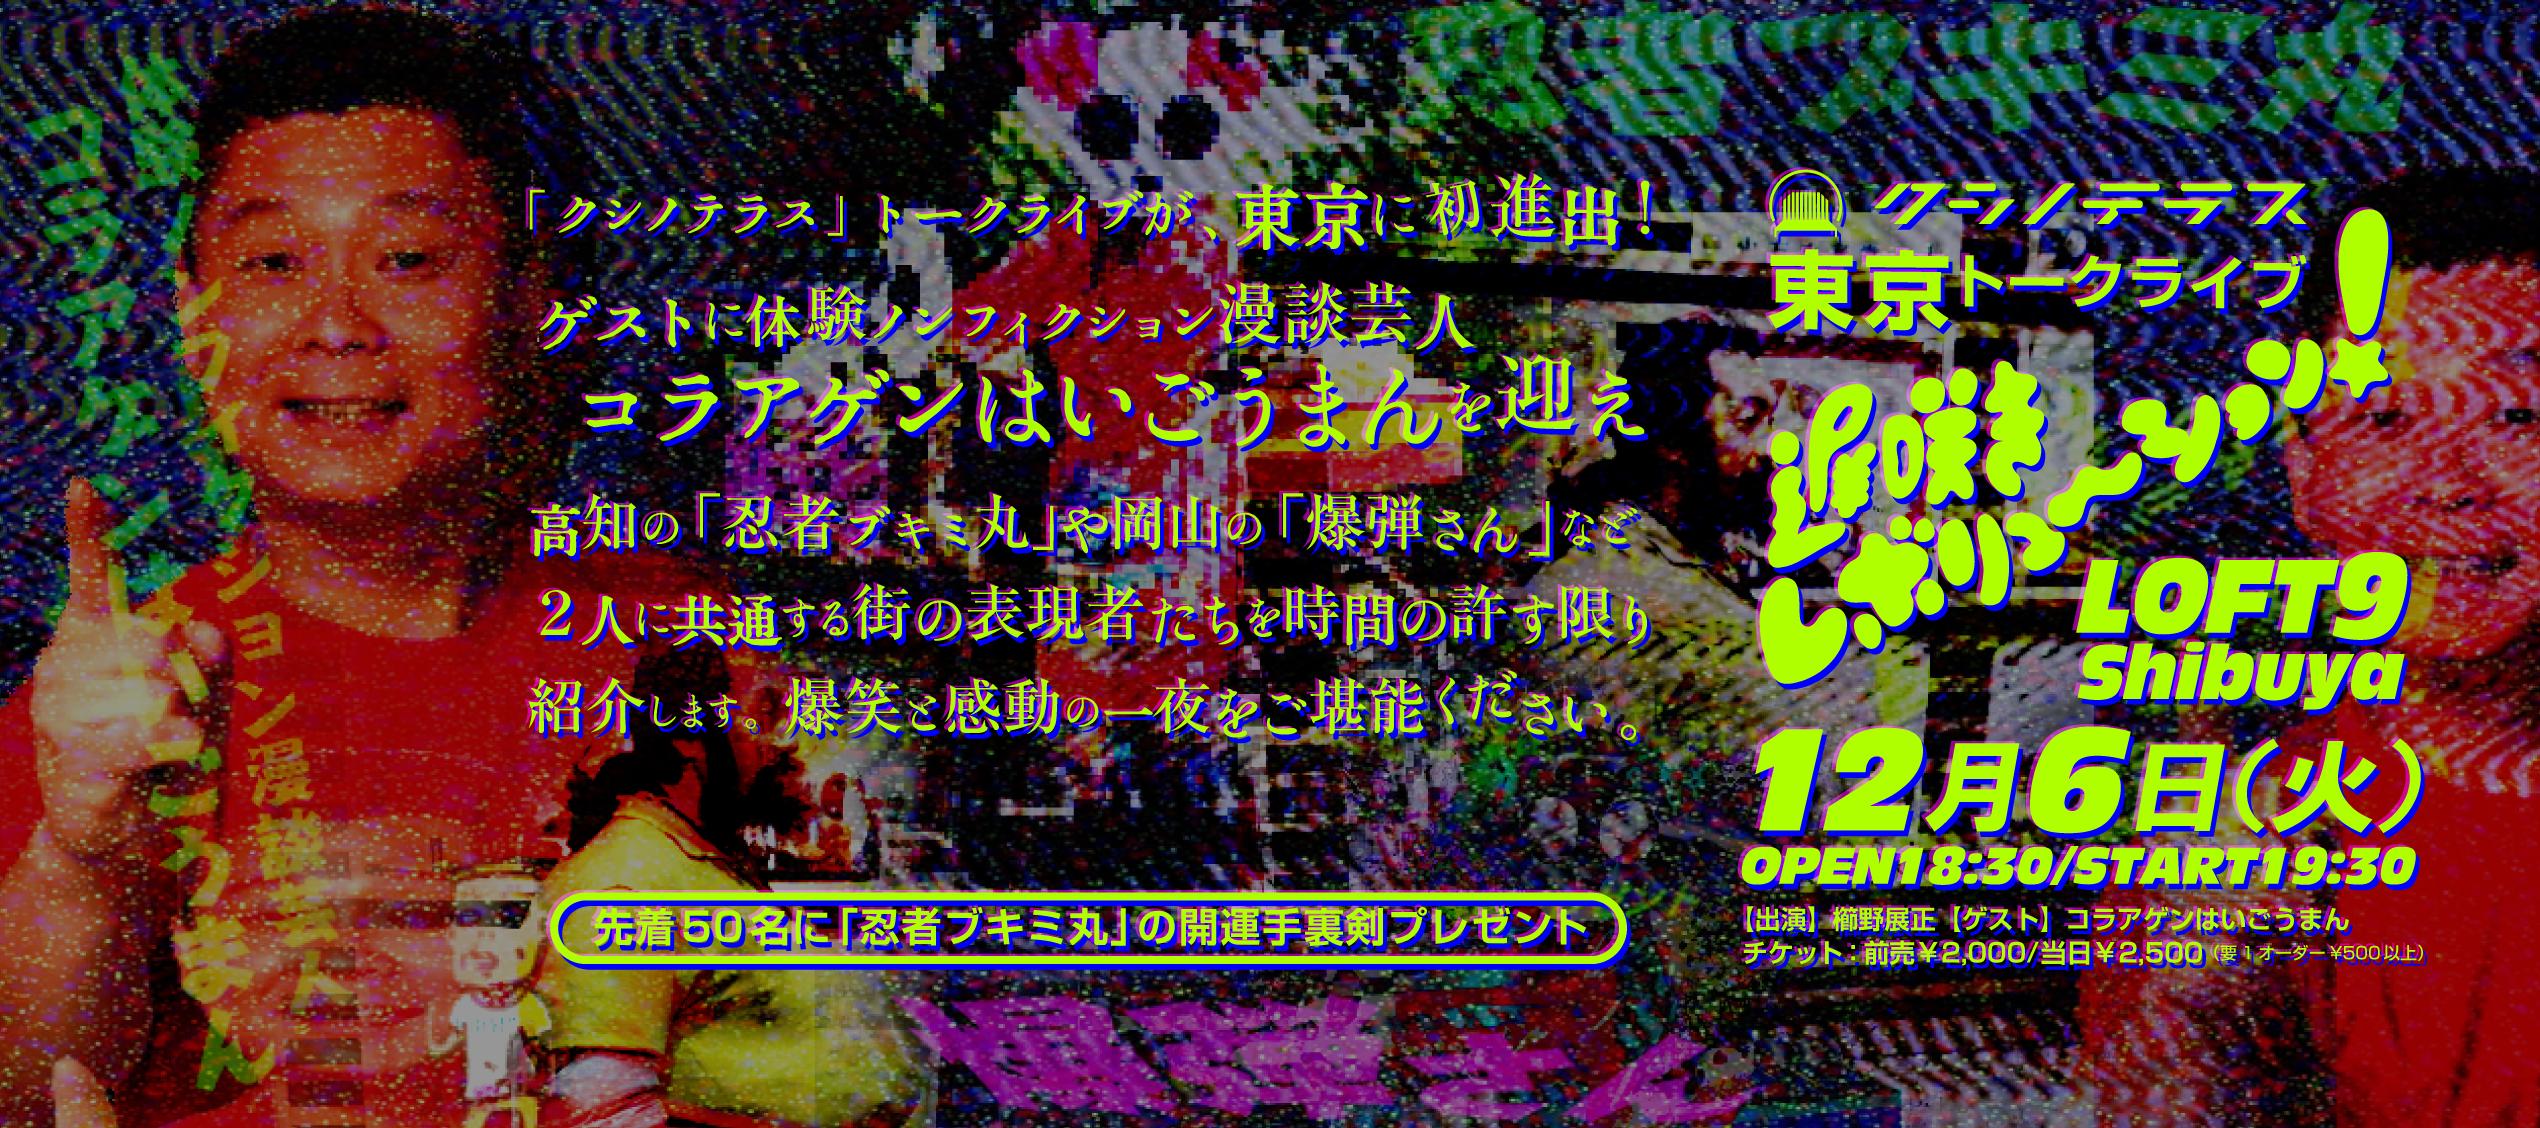 クシノテラス東京トークライブ【ゲスト:コラアゲンはいごうまん】